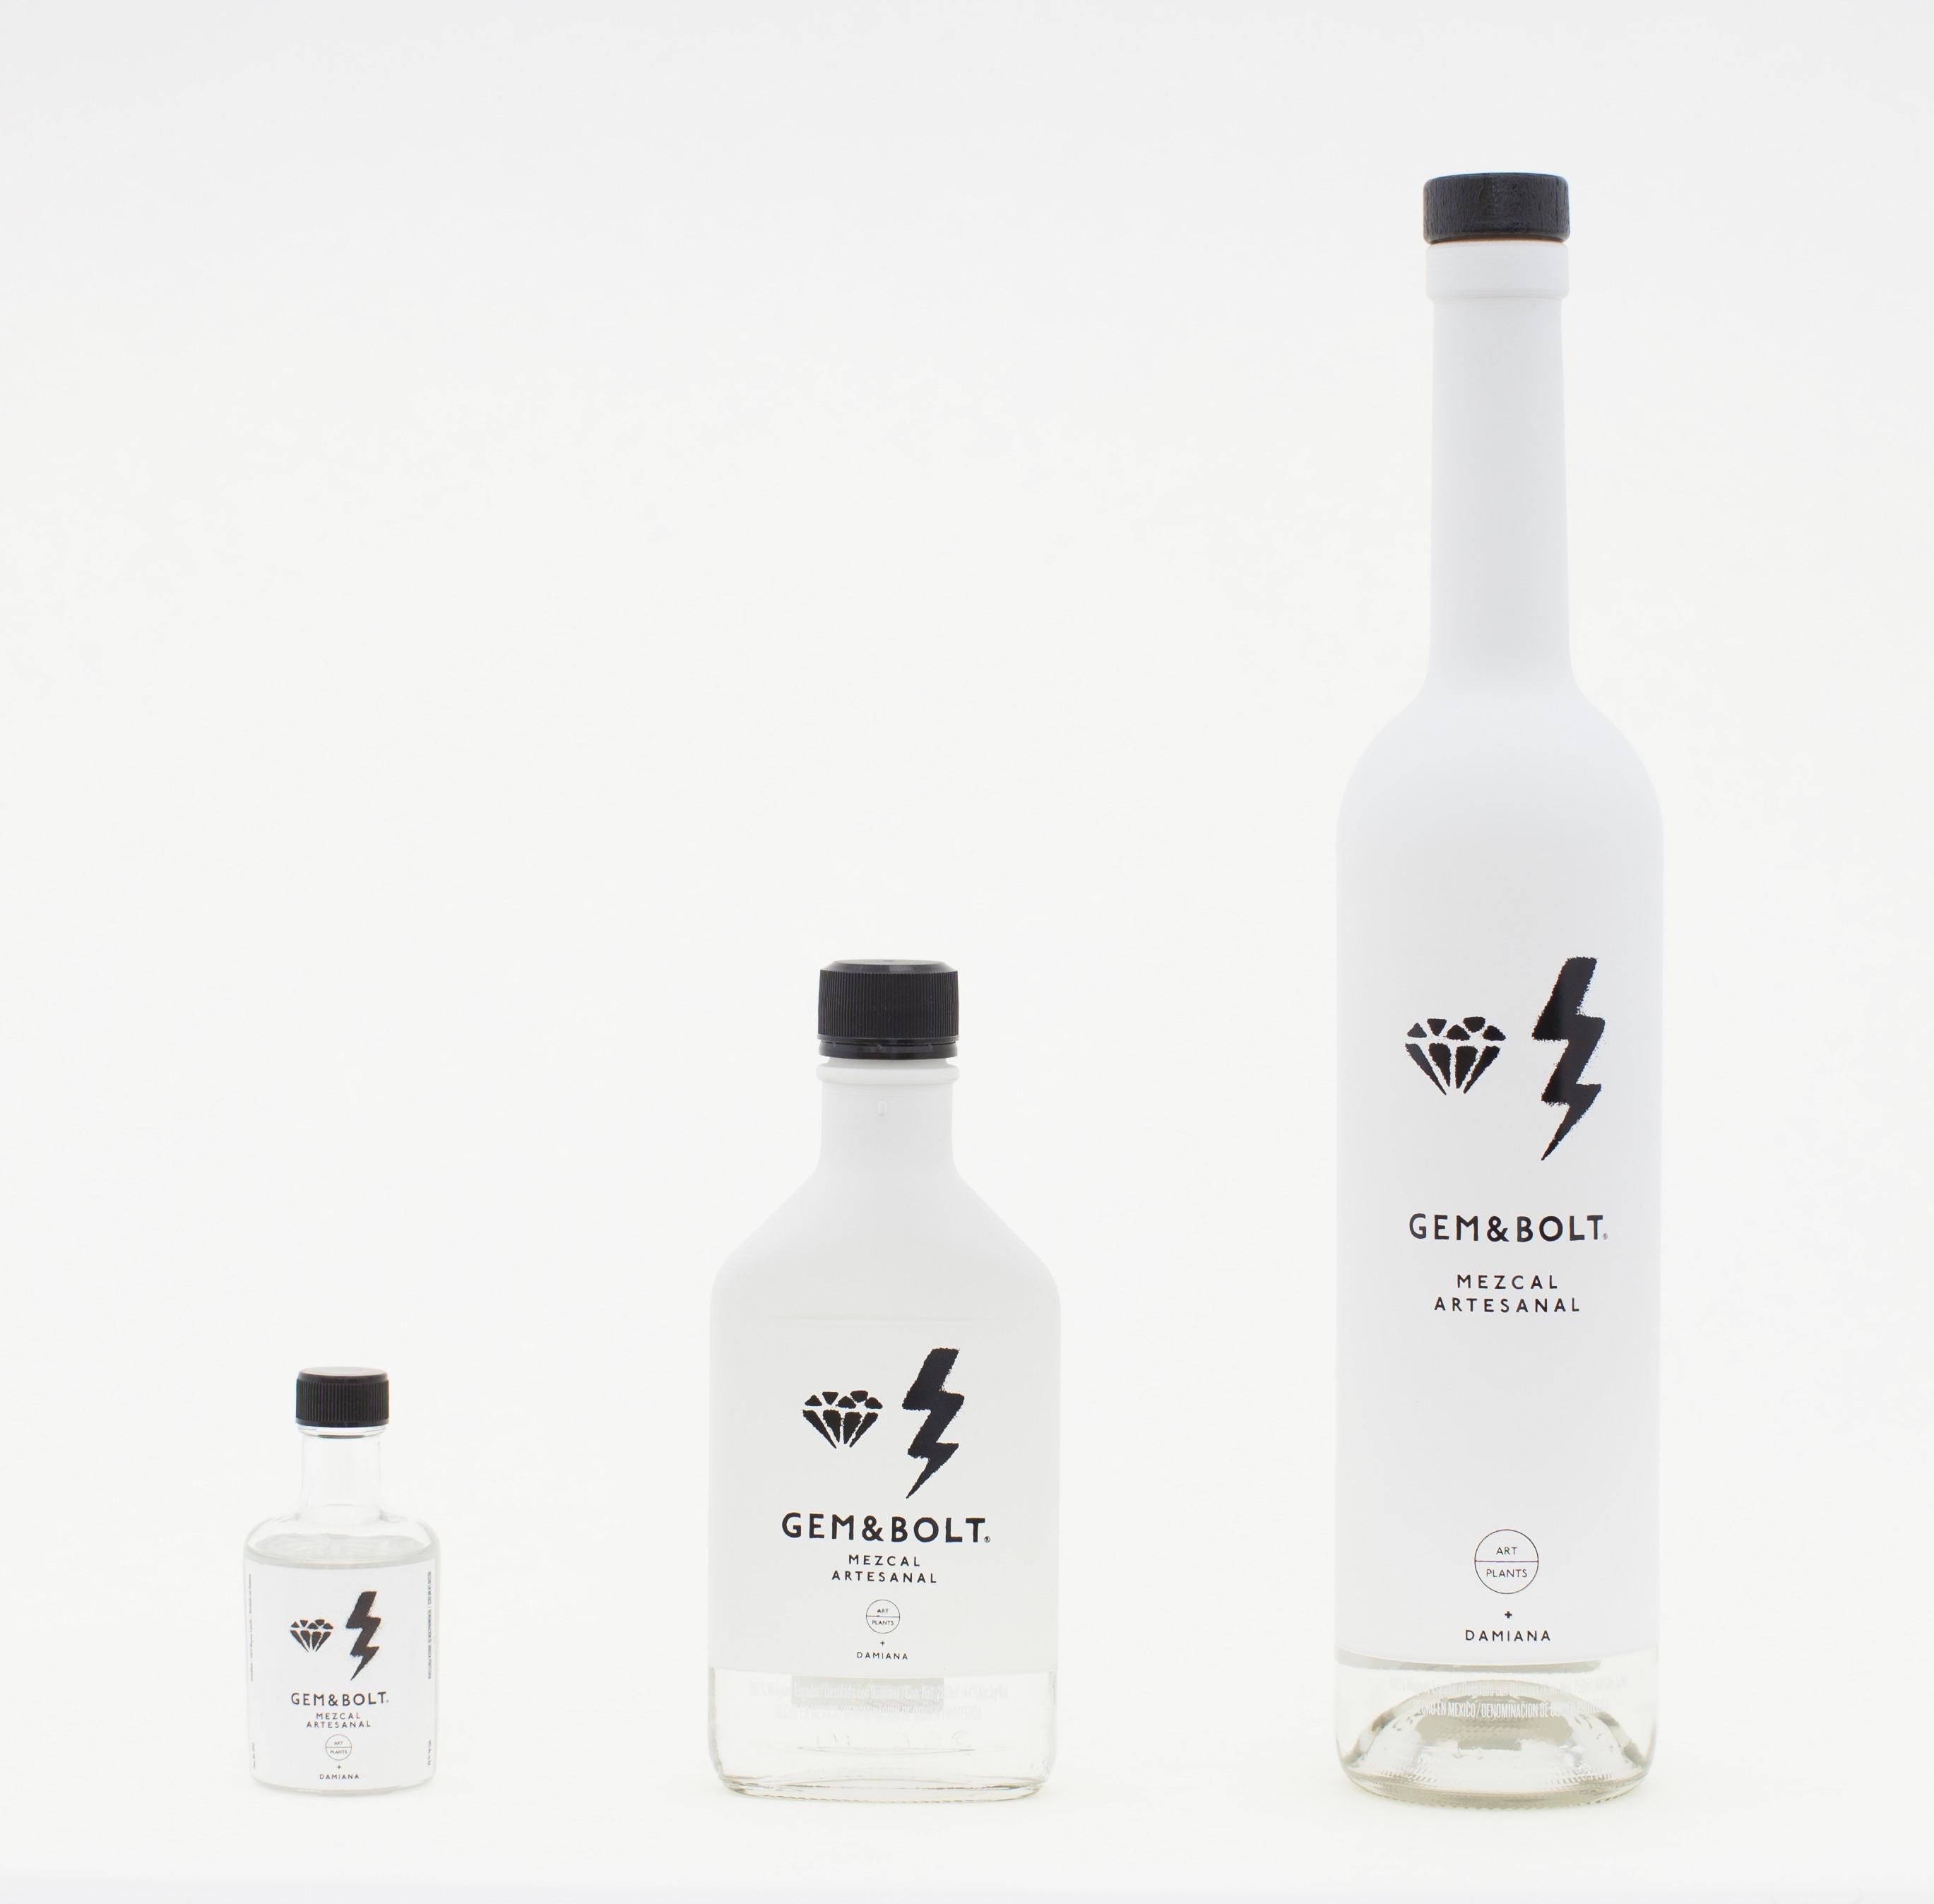 GEM&BOLT Bottle Lineup